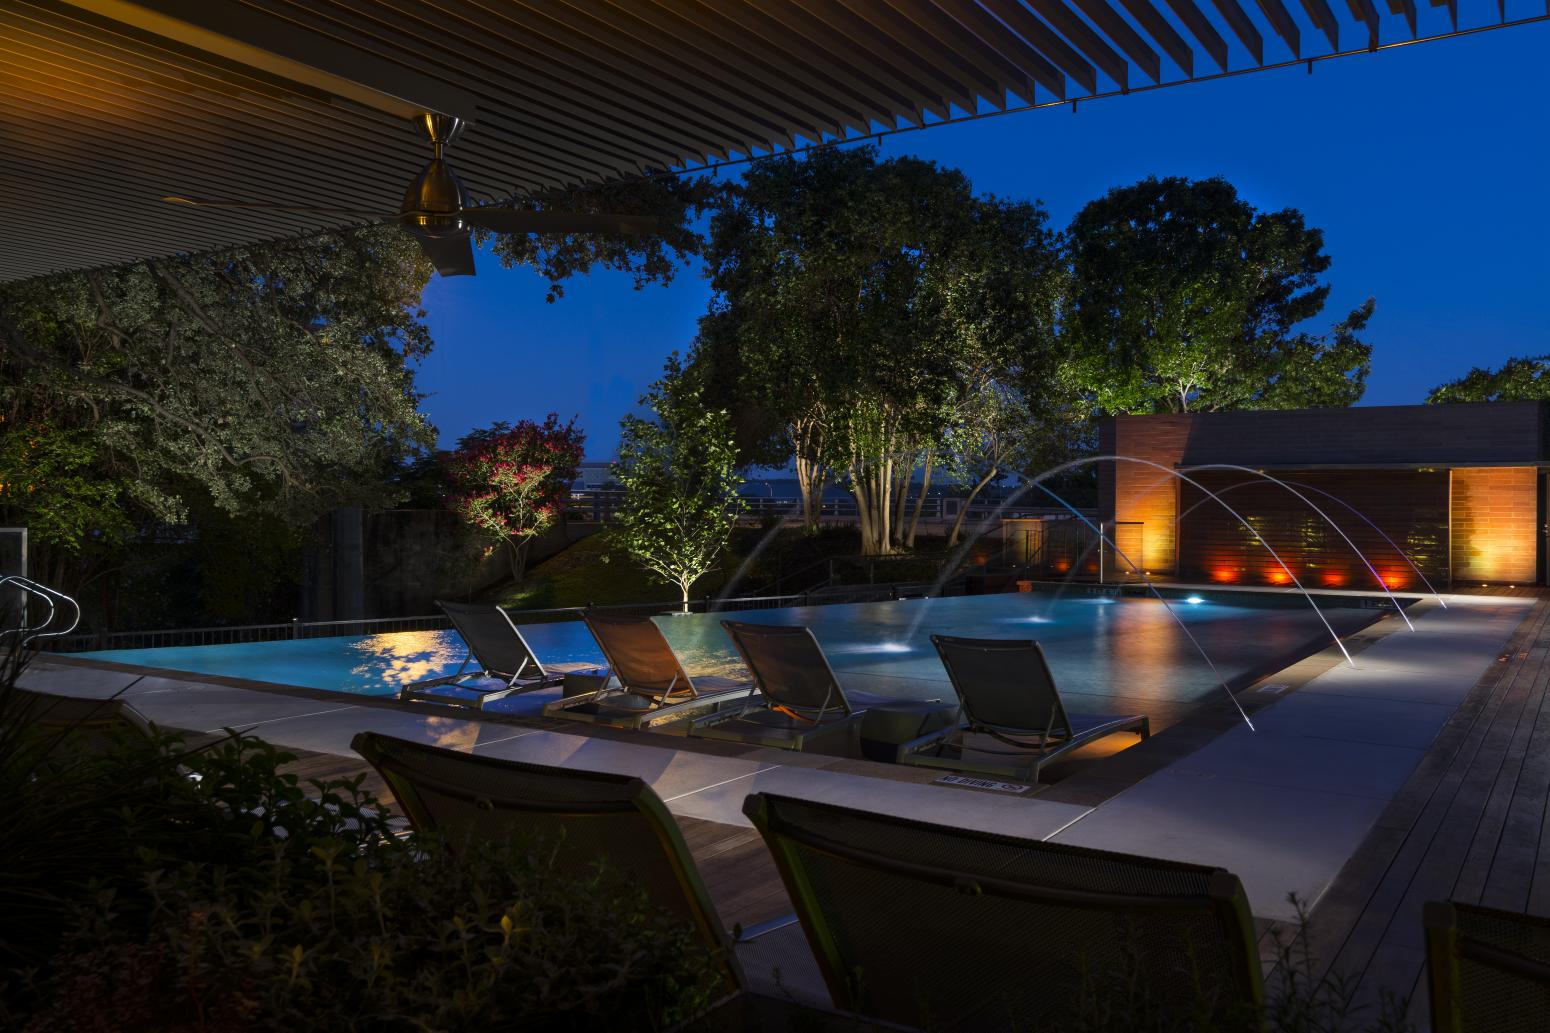 Hotel Pool Area Design Interior